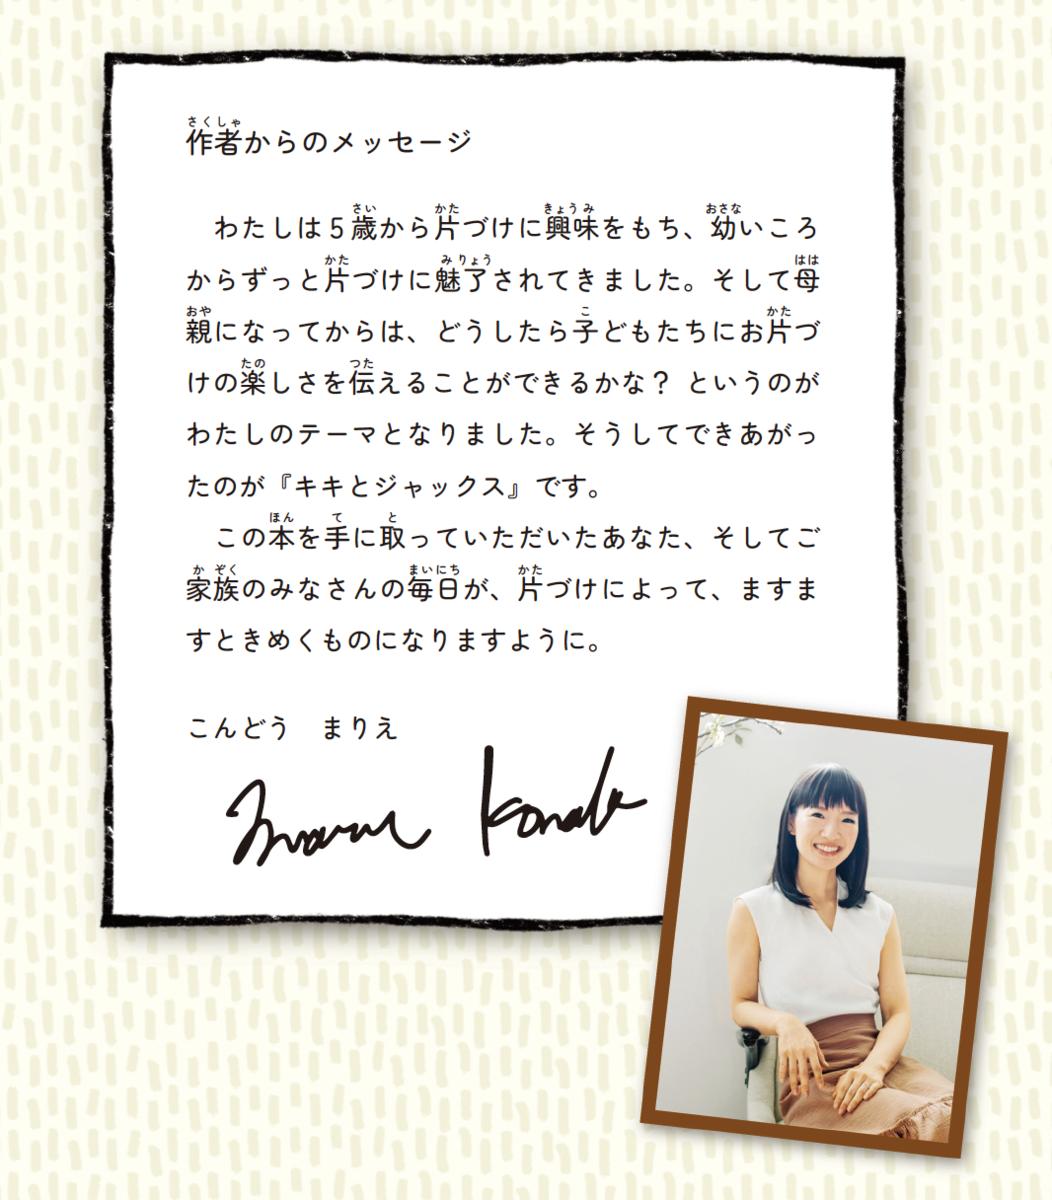 f:id:mojiru:20191108082046p:plain